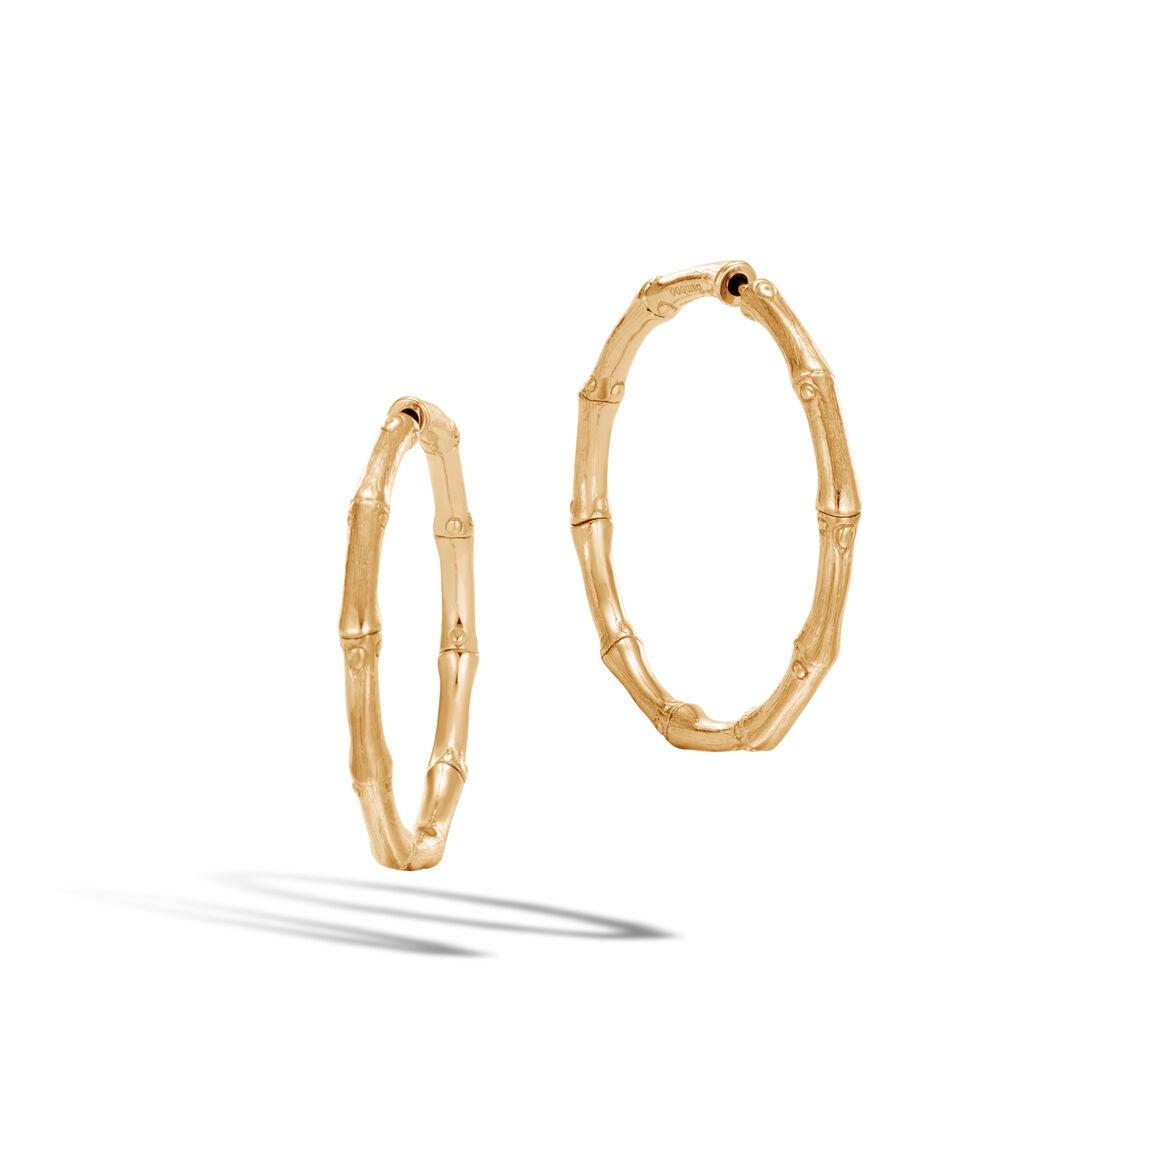 Bamboo Medium Hoop Earrings in 18K Gold